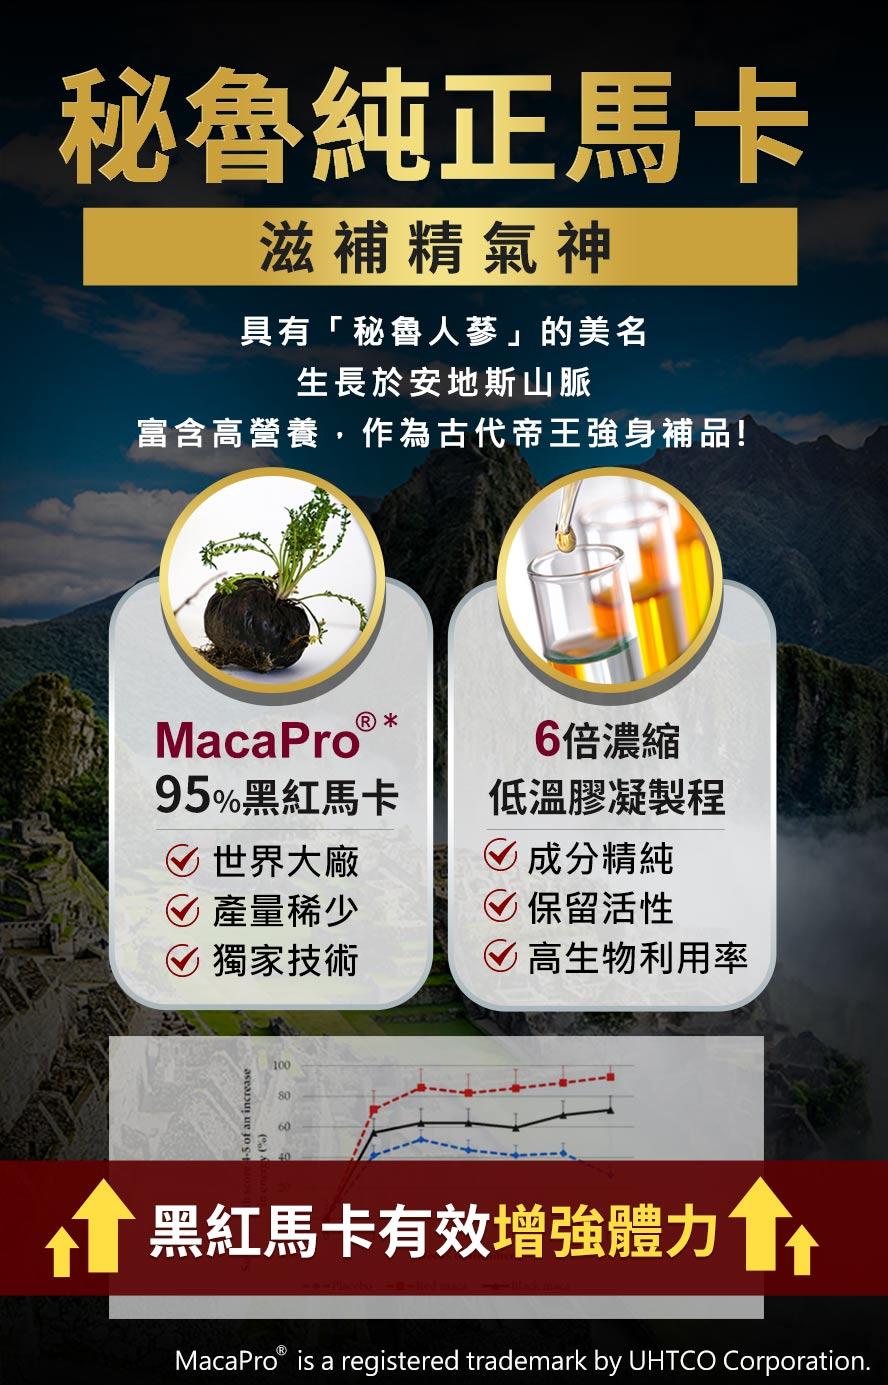 UNIQMAN瑪卡採用營養價值最高的深色馬卡,使精力充沛,也能增加體力